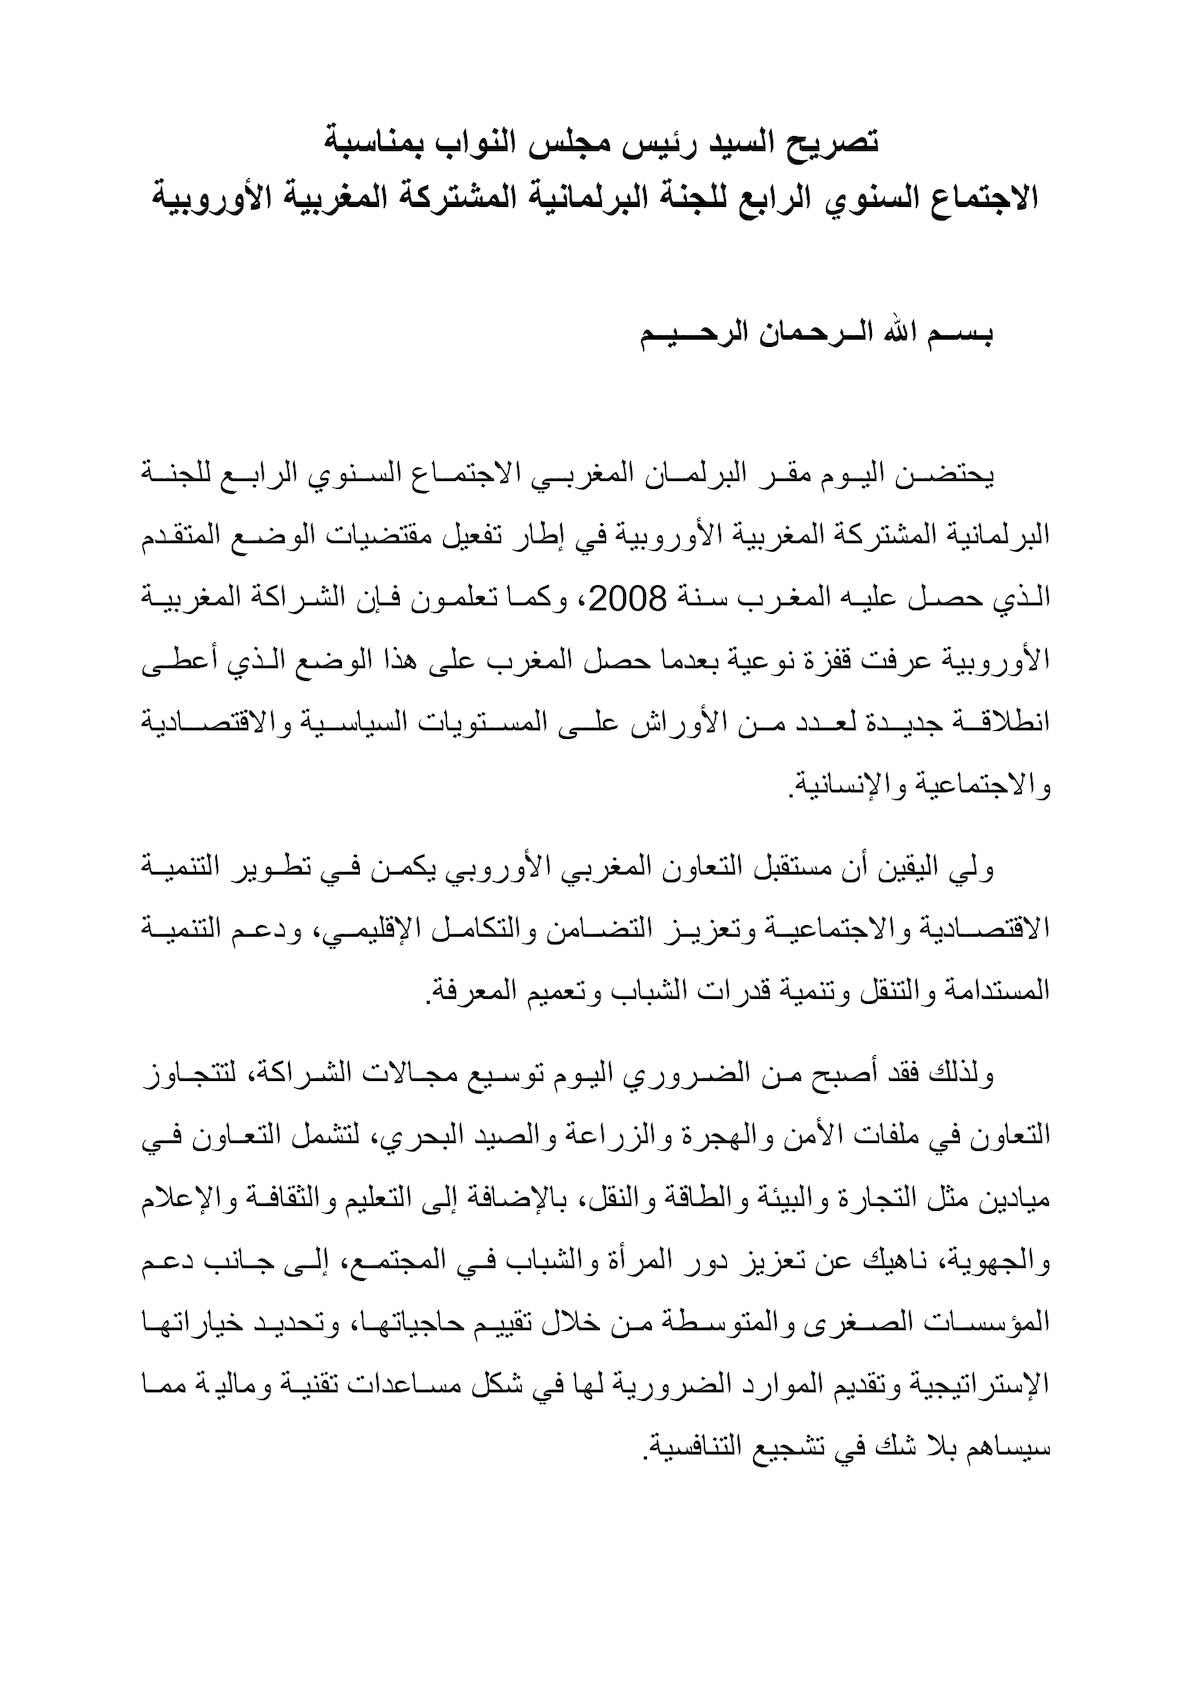 كلمة حول الشراكة المغربية الأوروبية.